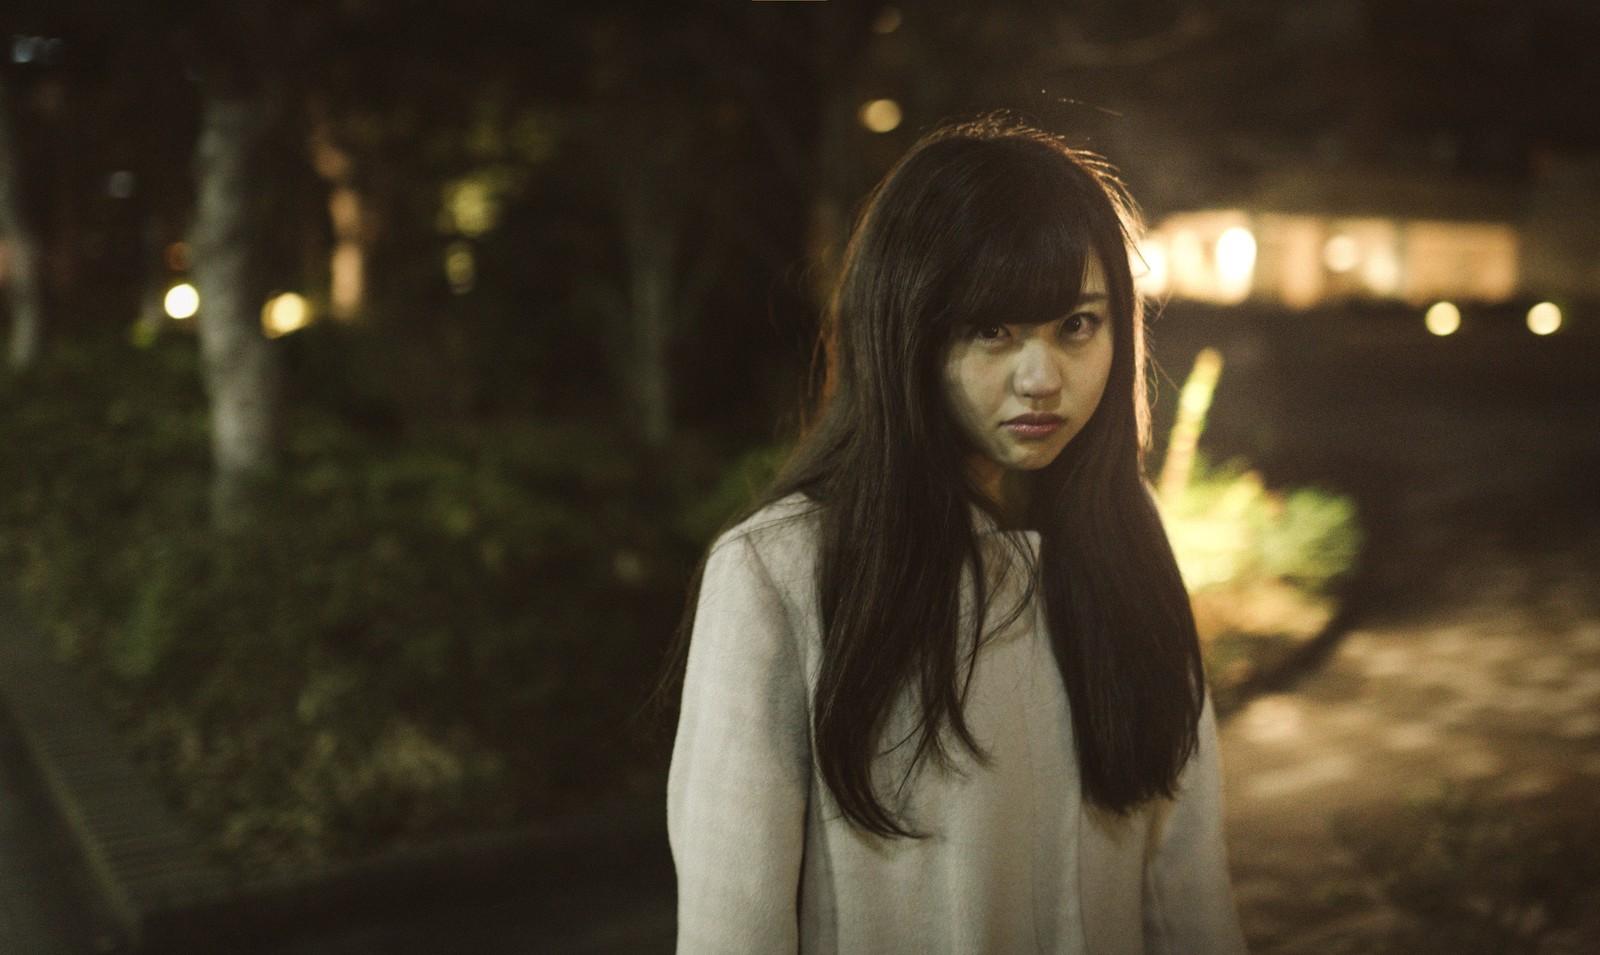 暗闇の中、お前が全て悪いんだと訴えかけている美少女